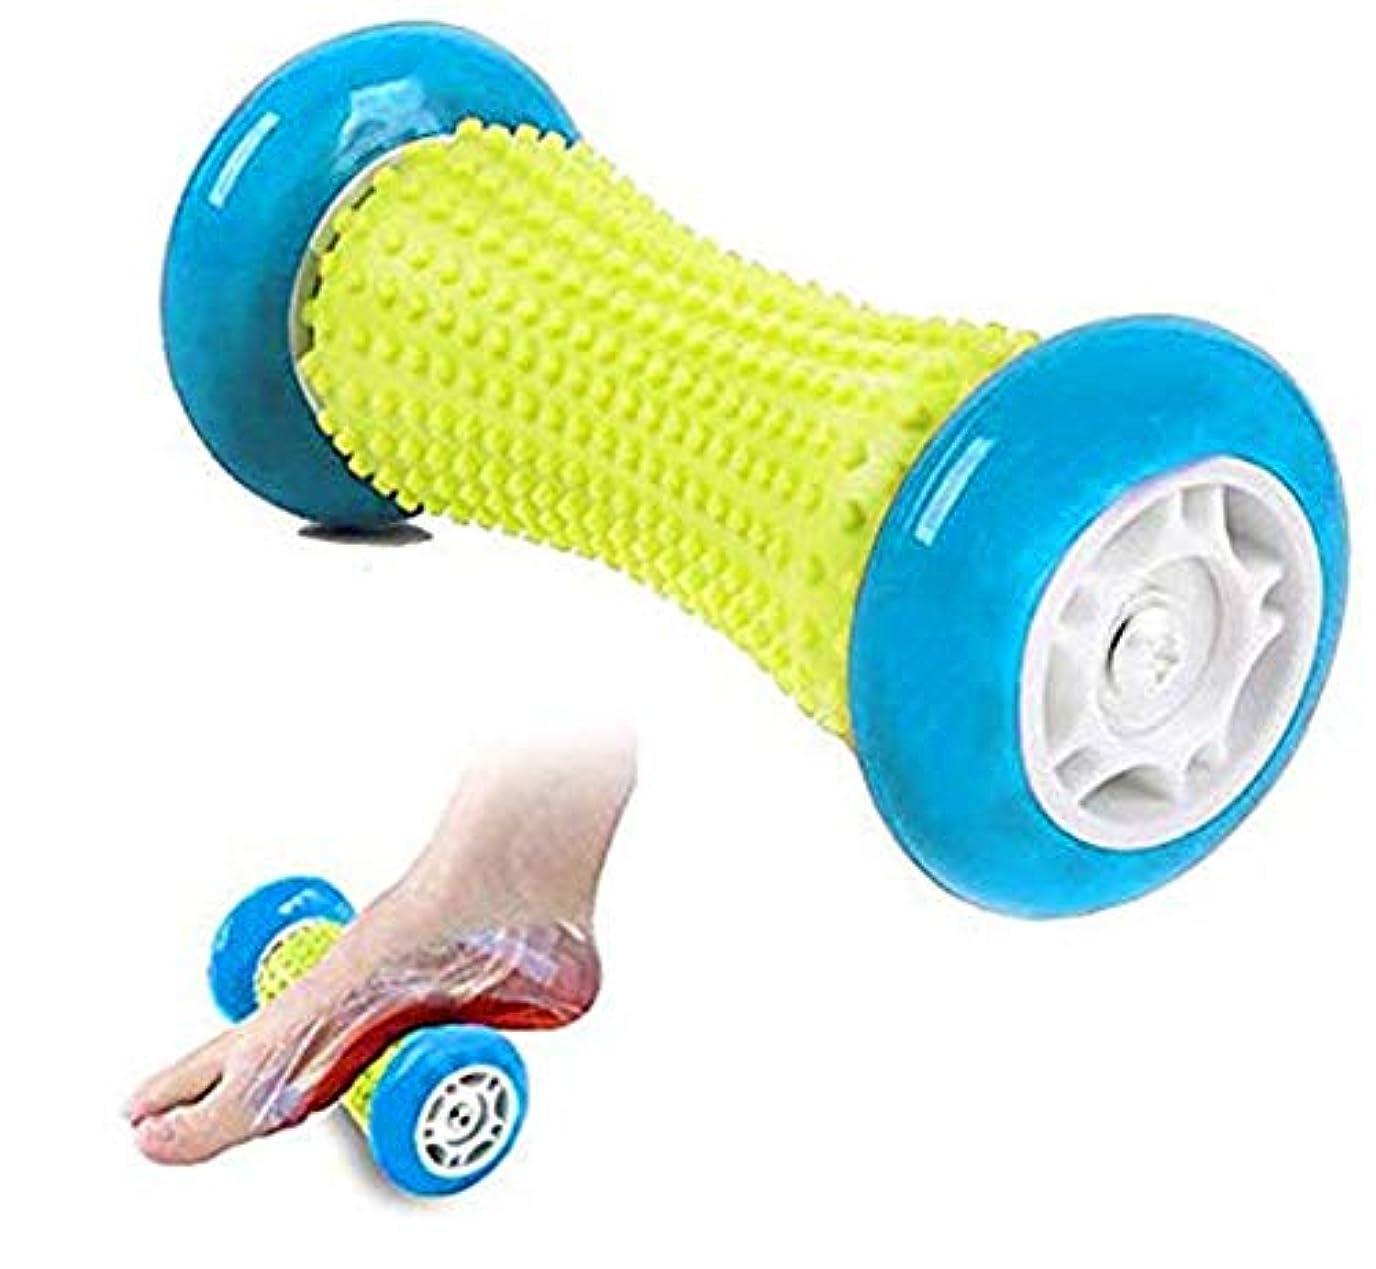 体細胞ホバート罰フットマッサージローラースパイキーボールは足底筋膜炎ヒールスパーズ足のアーチの痛みディープ?ティッシュ?指圧リフレクソロジーを和らげるマッサージ痛み筋ノットをリラックス (Color : ライトブルー)